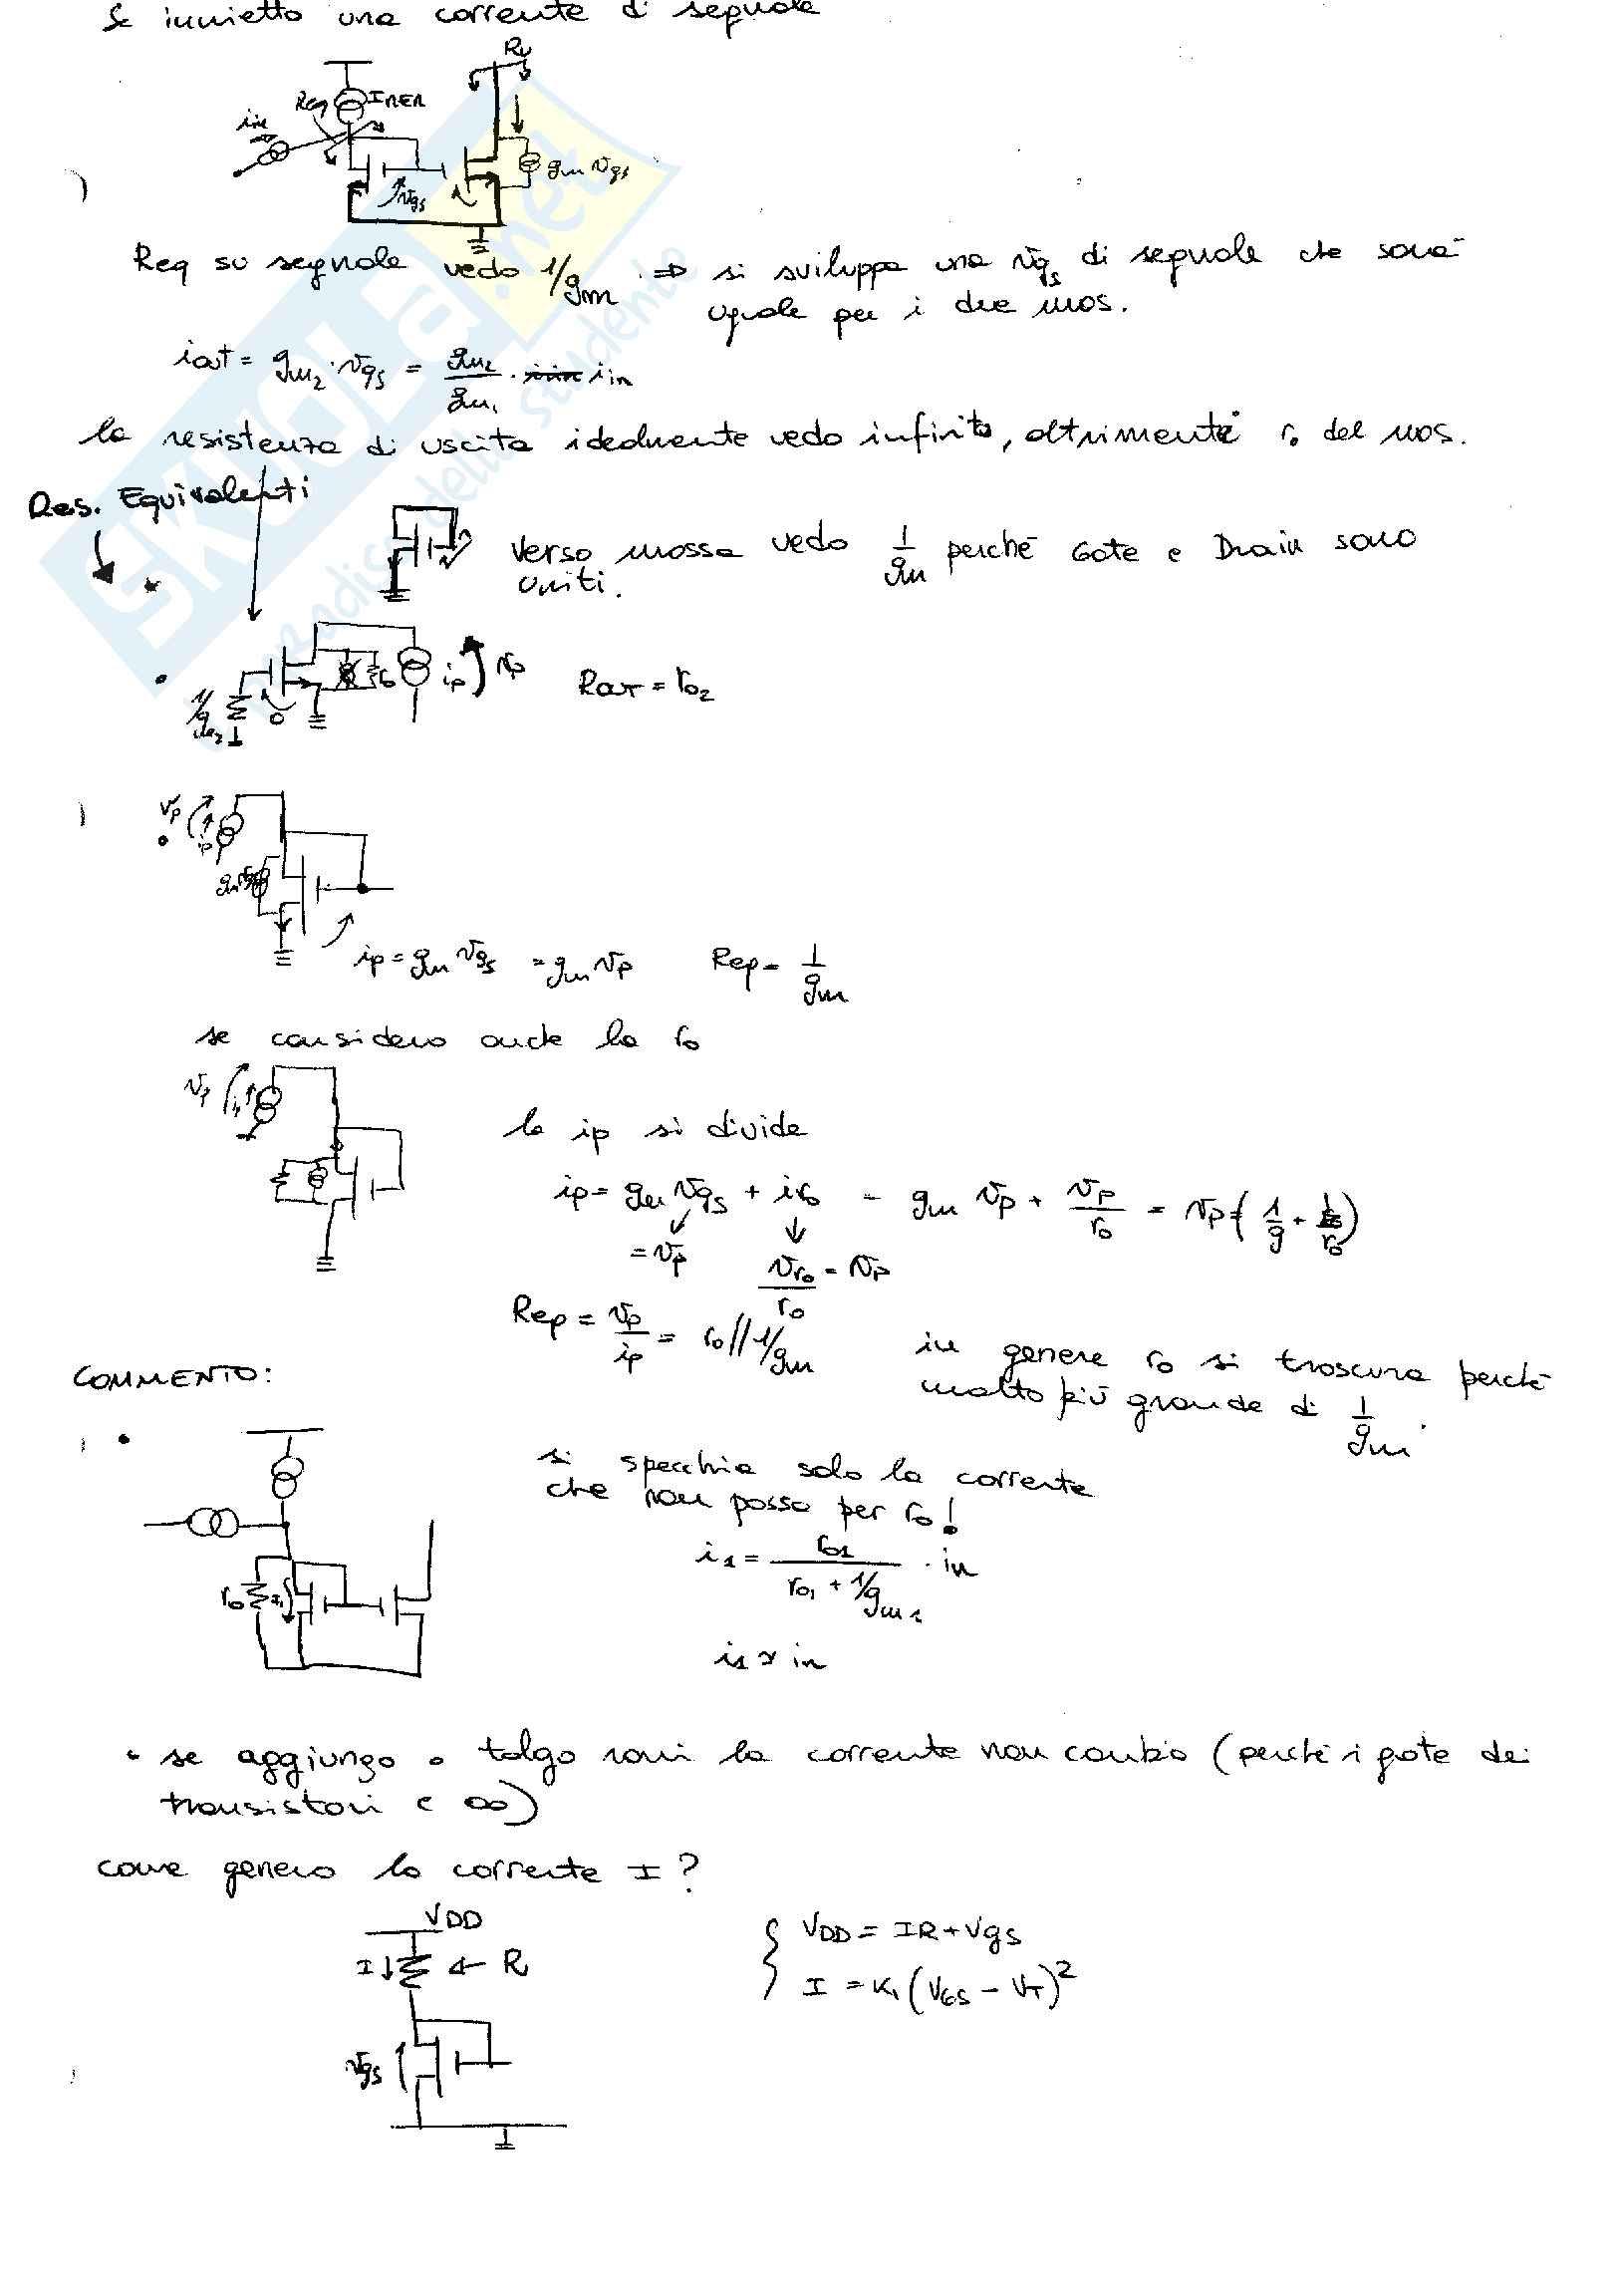 Fondamenti Di Elettronica Guazzoni Pag. 61